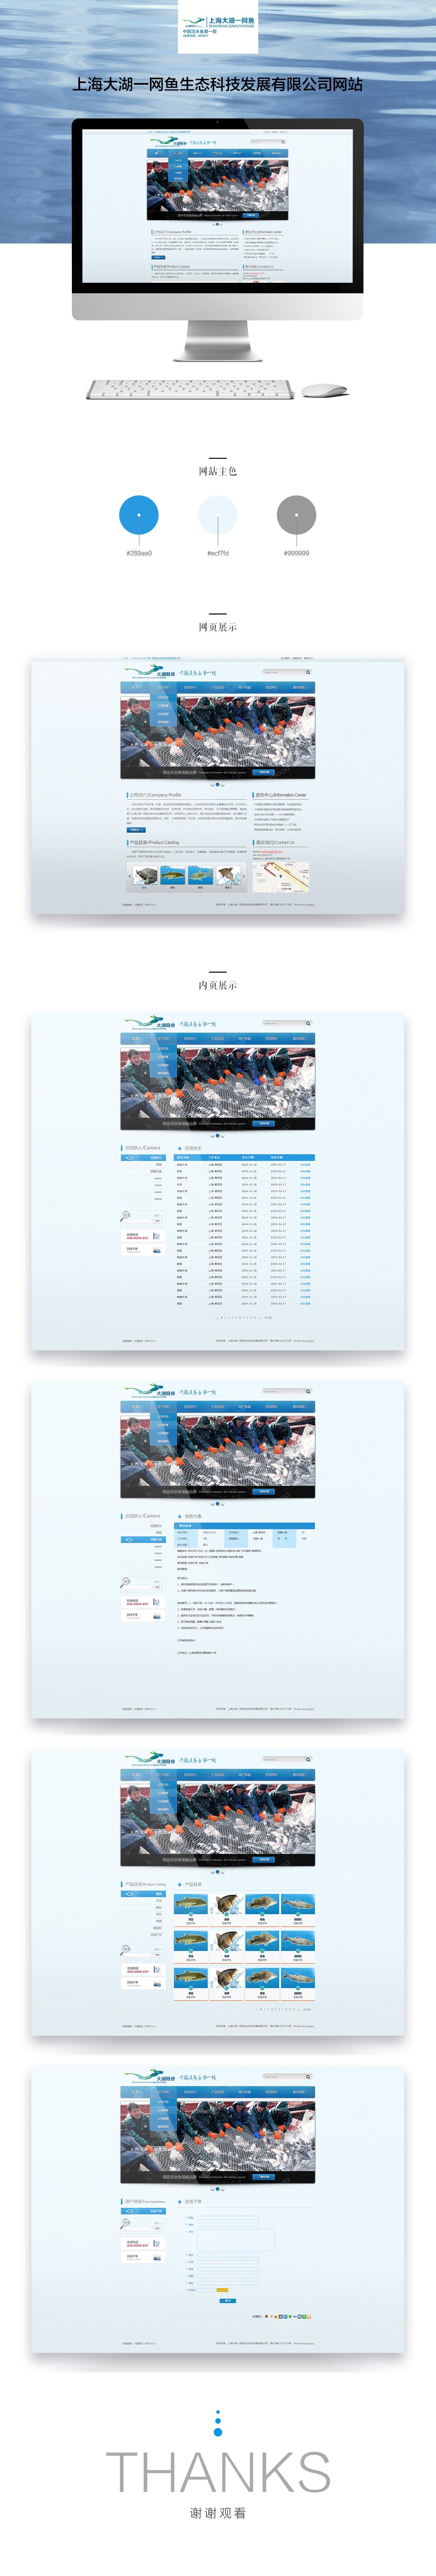 公司网站建设案例之大湖一网鱼生态科技发展公司